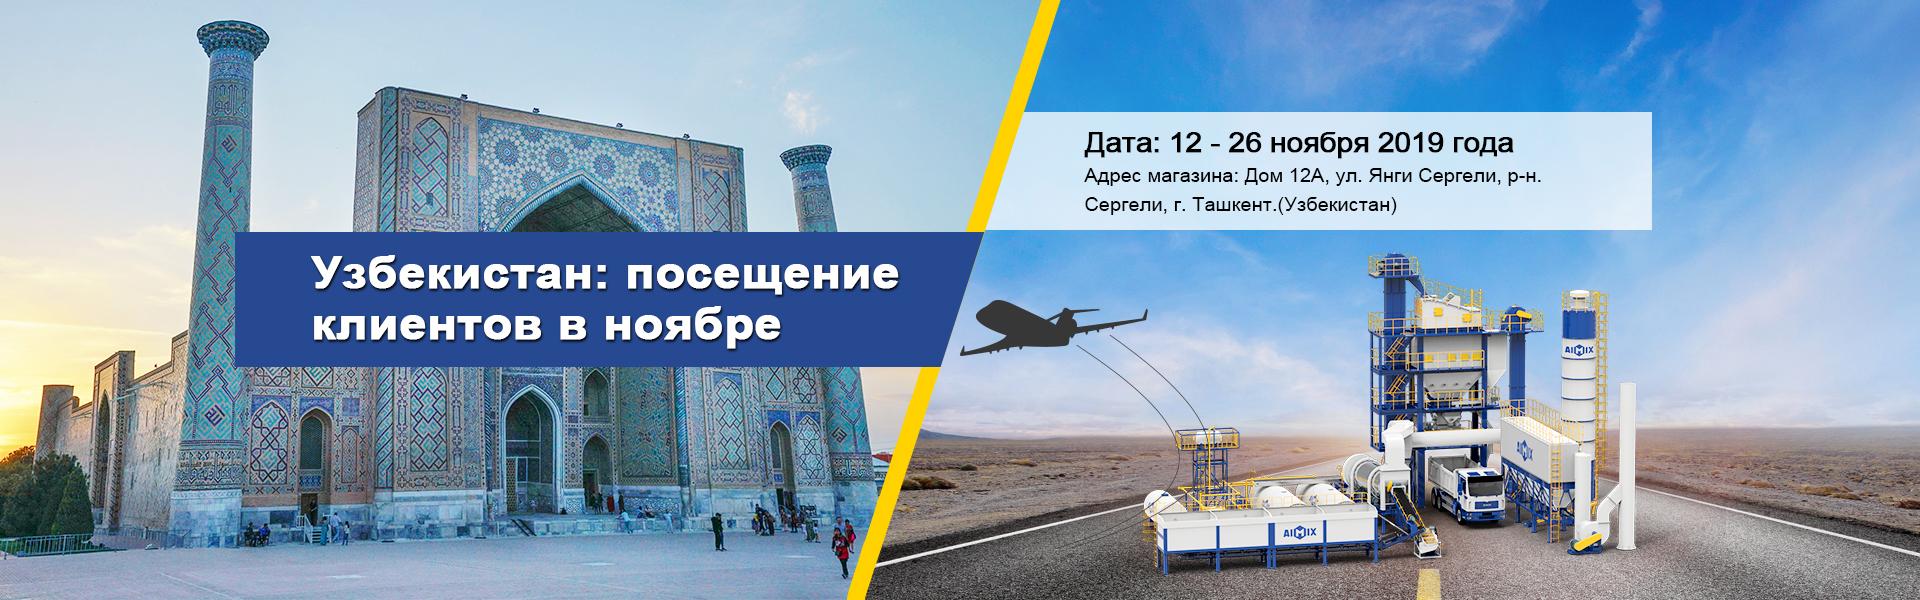 Узбекистан посещение клиентов, 12 - 26 ноября 2019